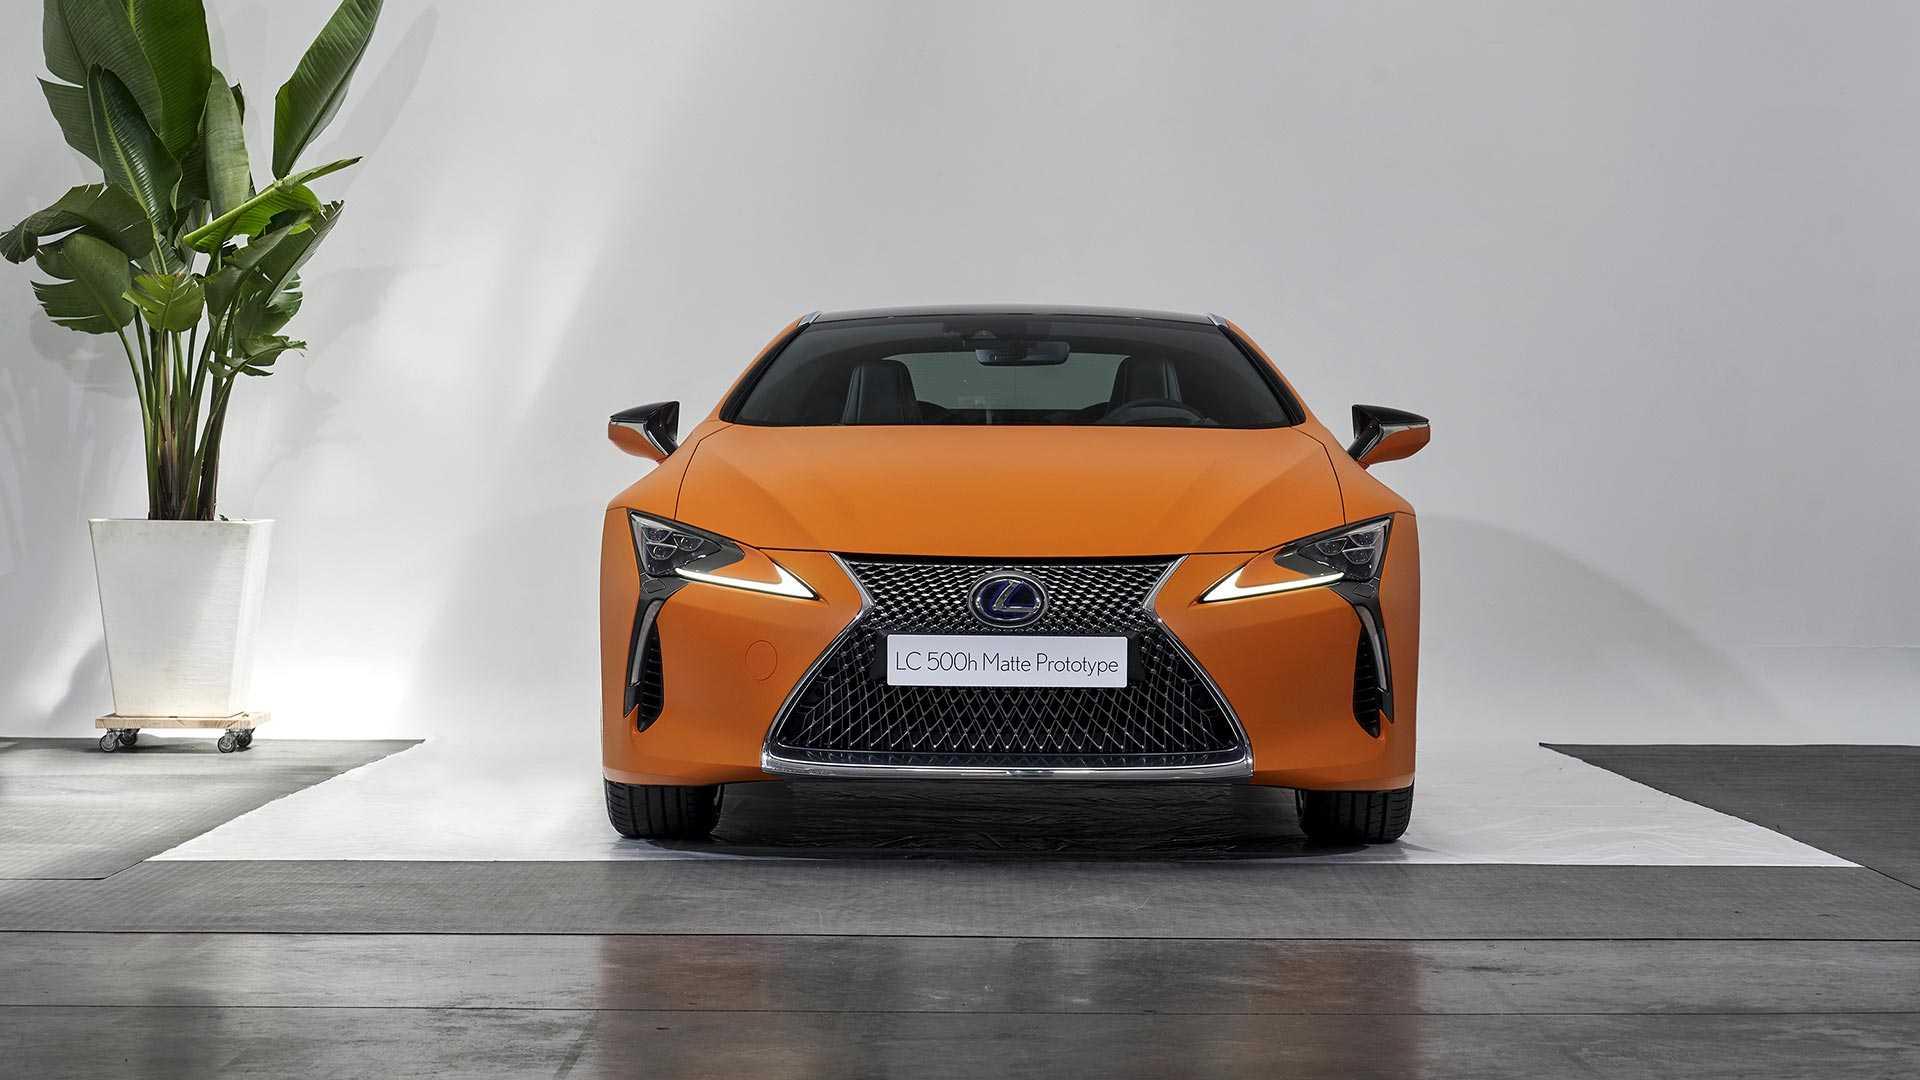 lexus-lc-500h-matte-prototype-space-orange-2